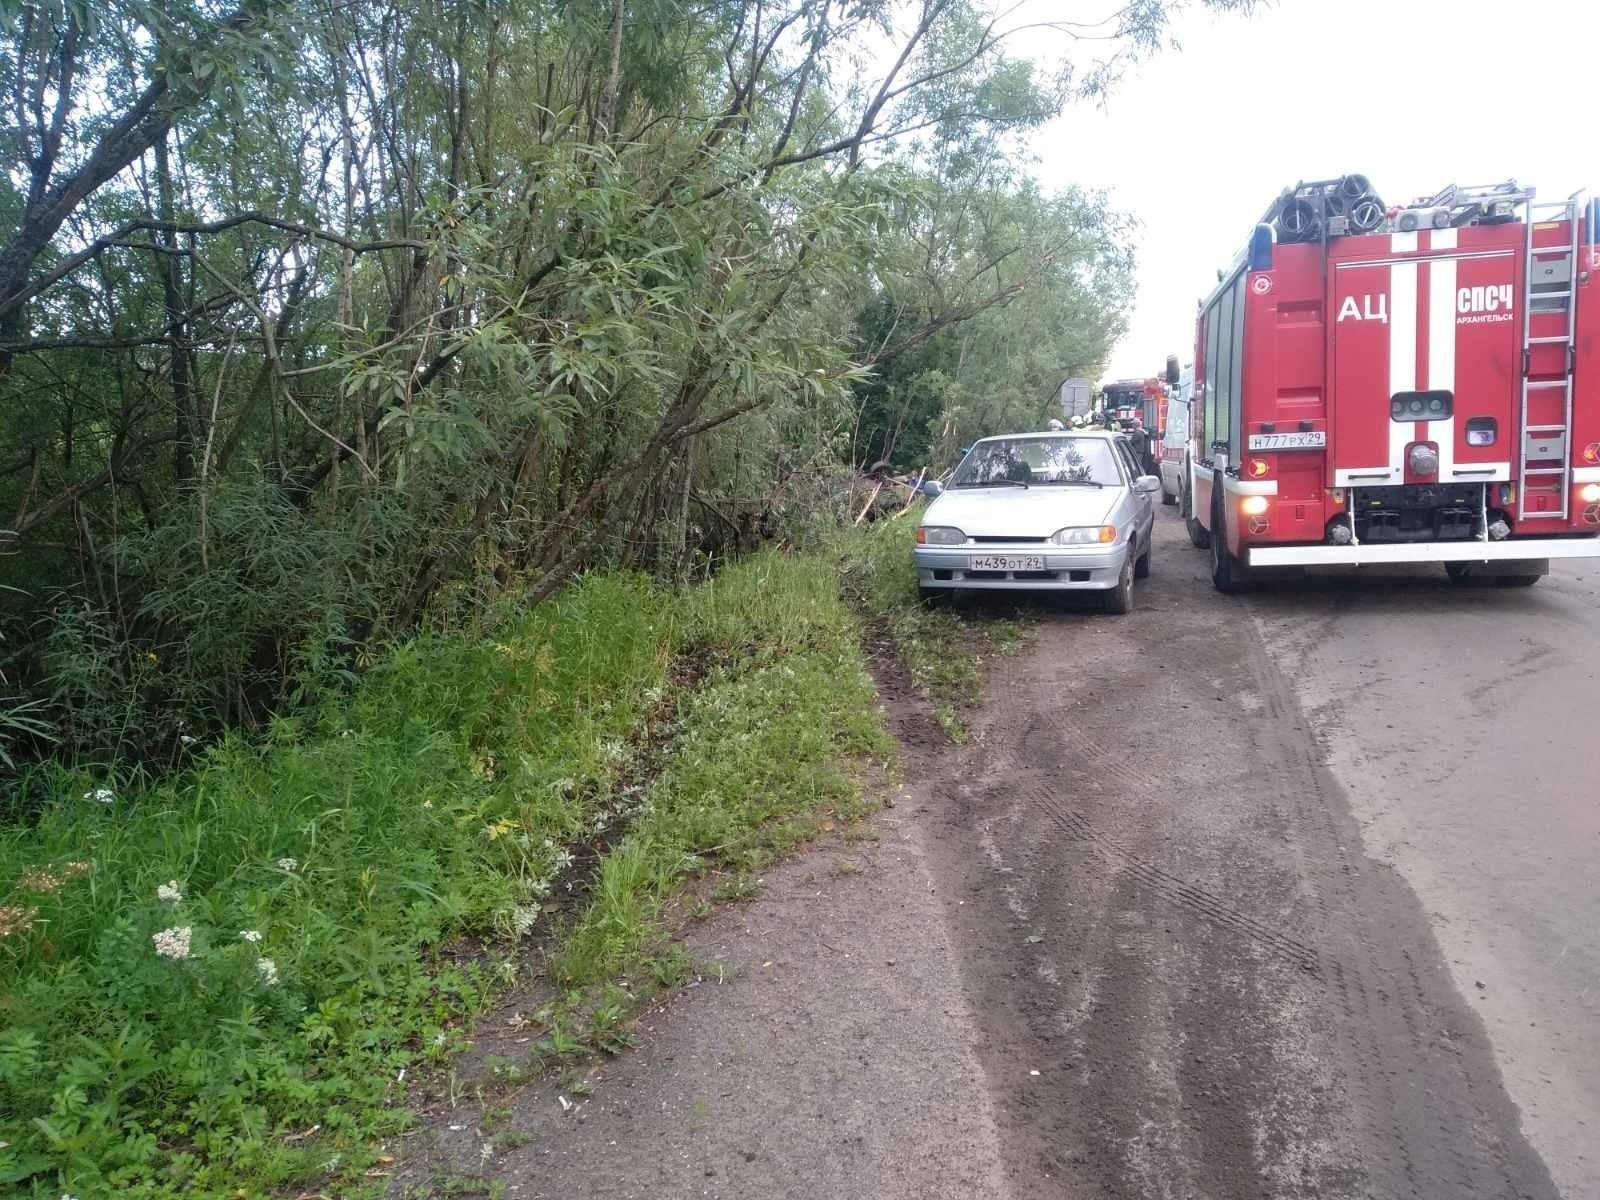 Пожарно-спасательные подразделения приняли участие в ликвидации последствий ДТП в Приморском районе Архангельской области.